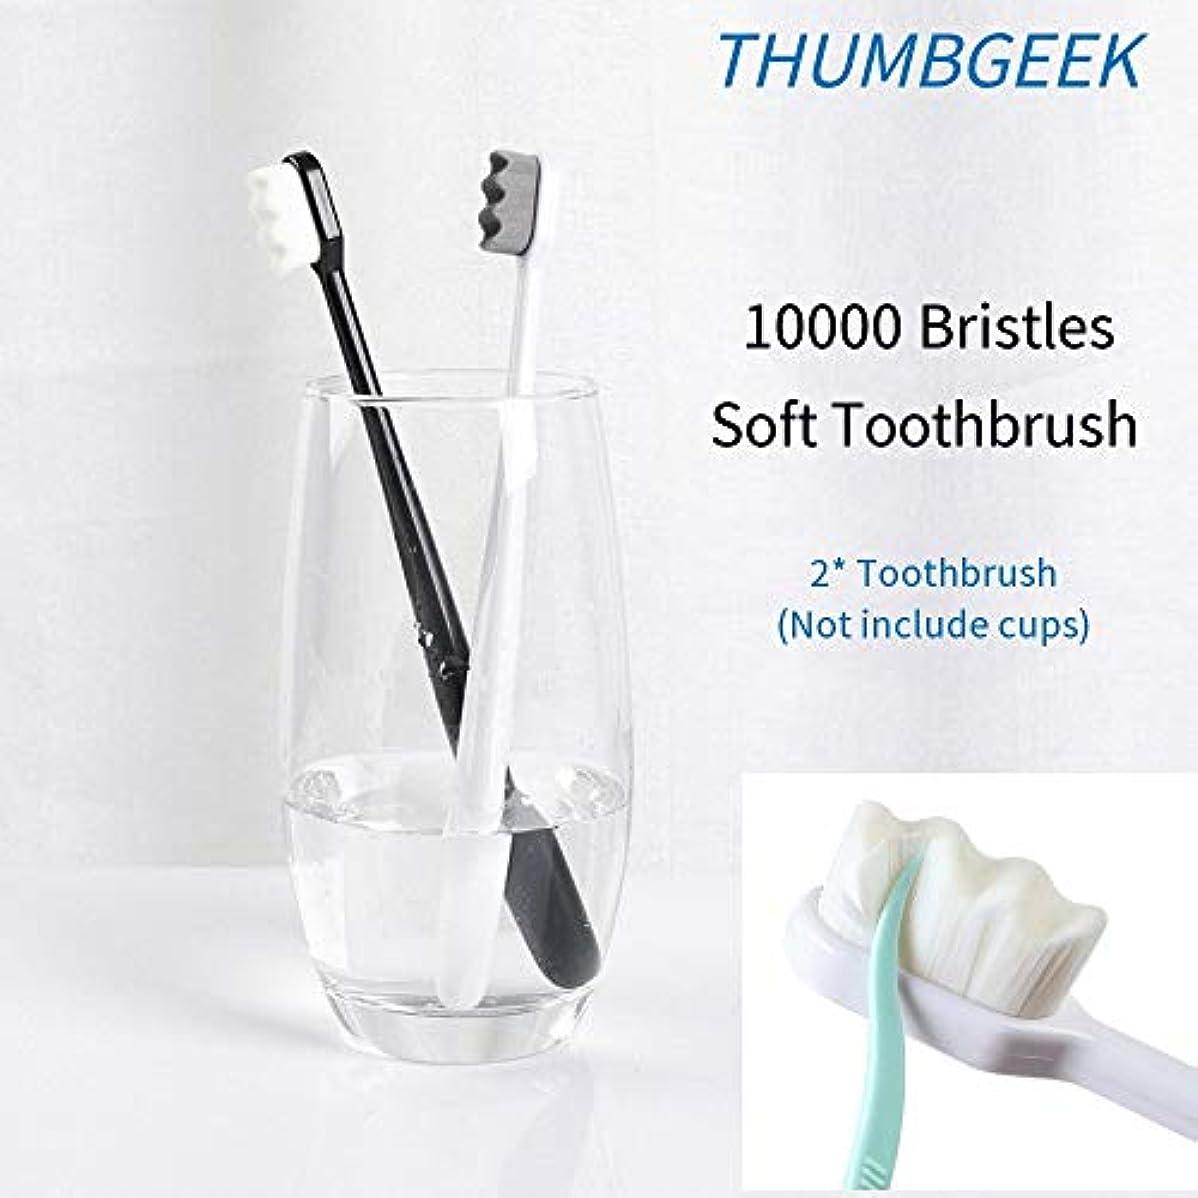 スラム街高速道路大使2本の歯ブラシ、ウルトラソフト歯ブラシ、家族の妊娠中の女性用、年配の看護の歯肉に敏感なディープマウスクリーンオーラルケア、手動歯ブラシ